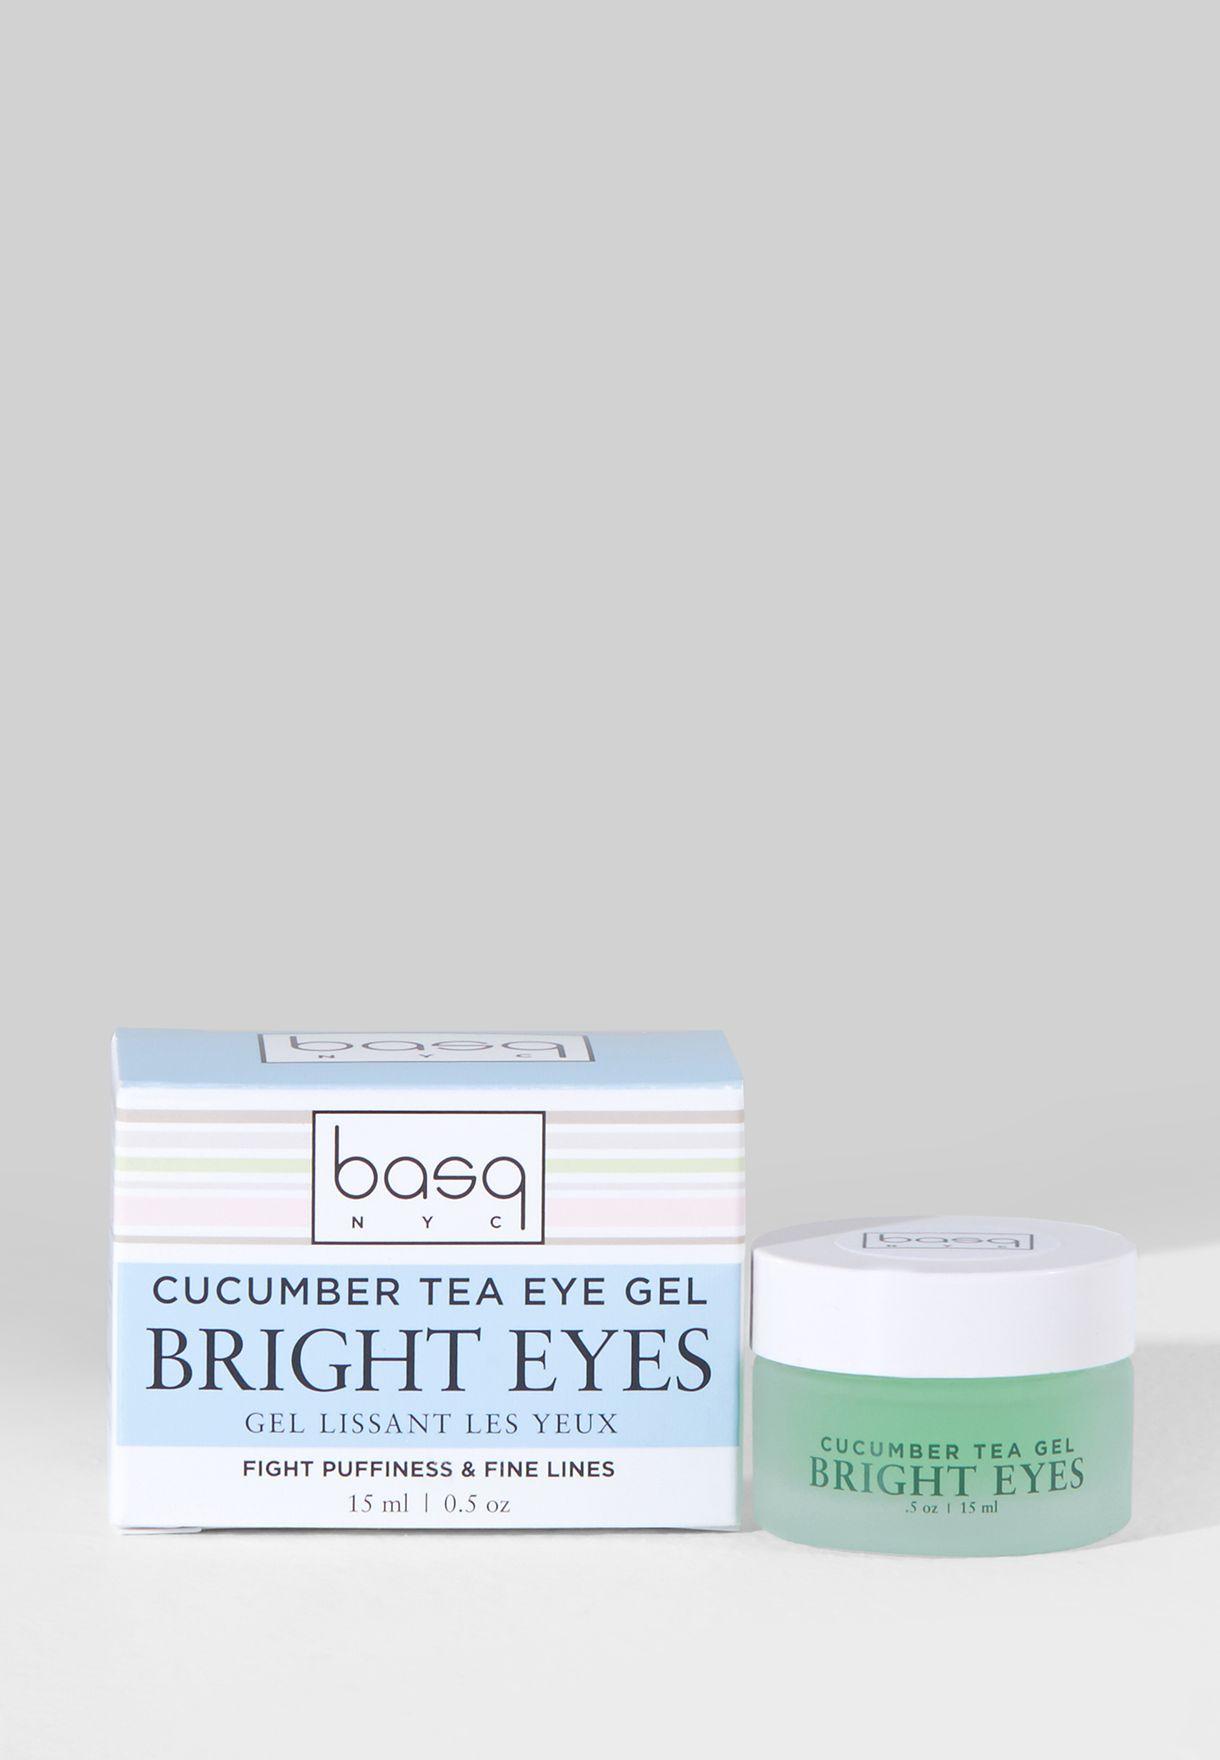 Bright Eyes Cucumber Tea Gel